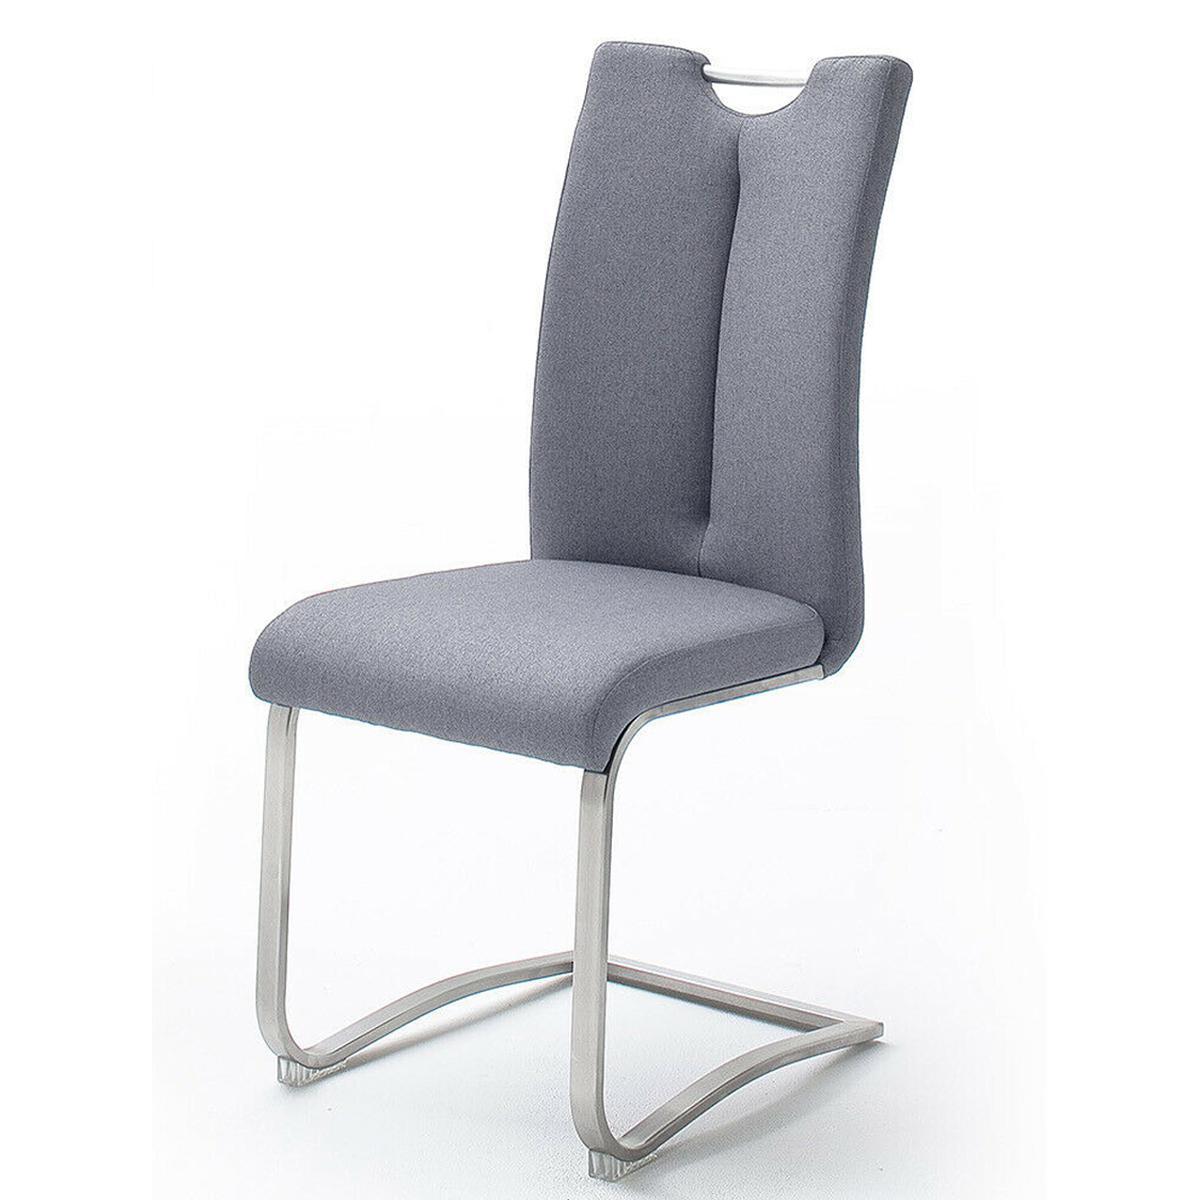 Pegane Lot de 2 chaises en acier et tissu coloris gris - H.102 x L.45 x P.58 cm